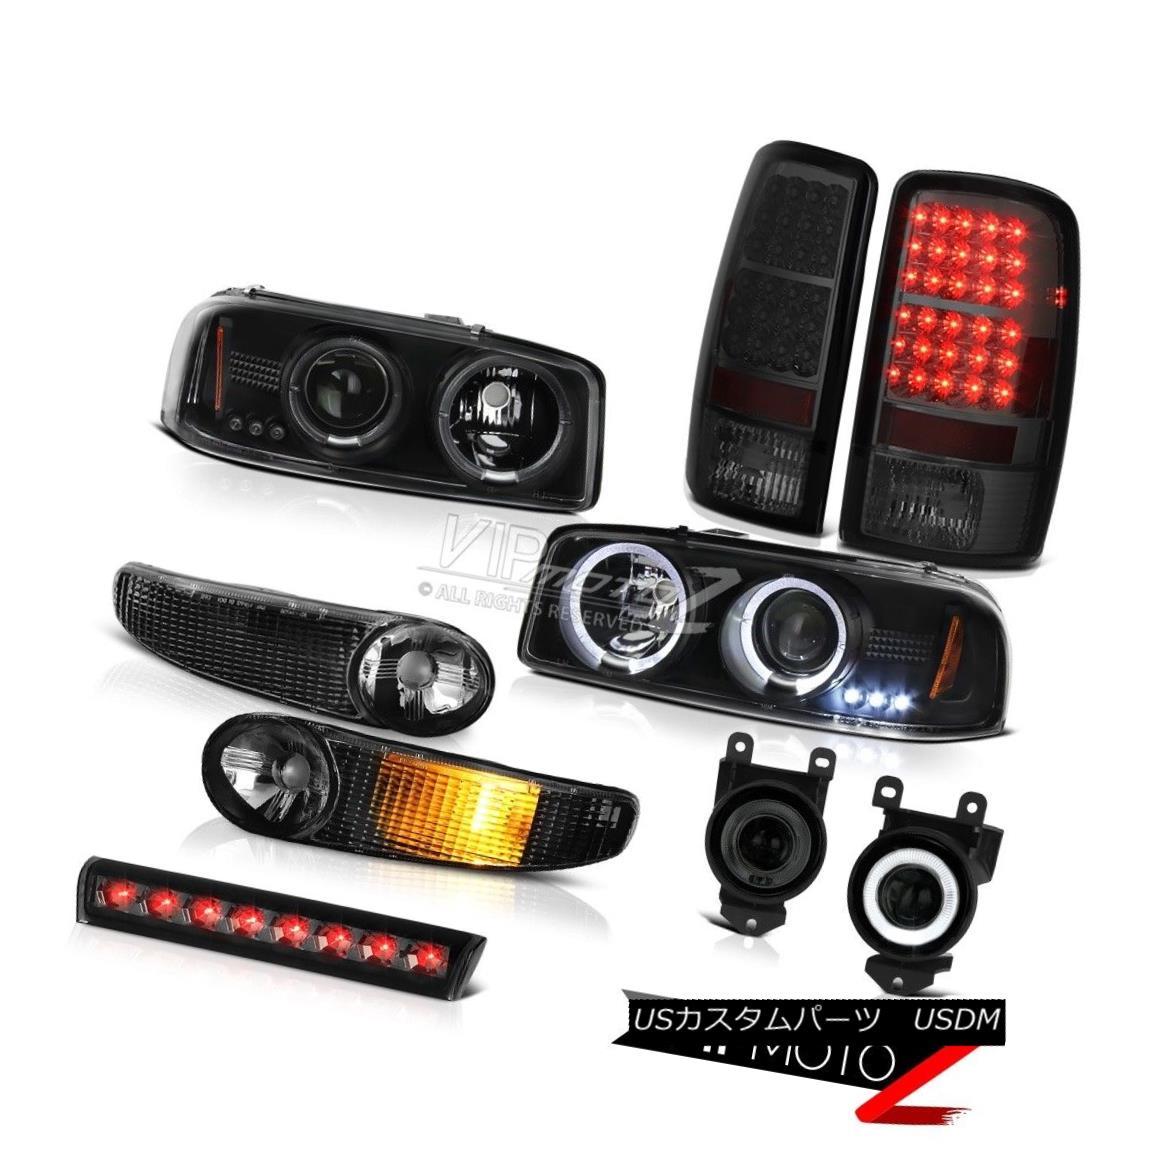 ヘッドライト Halo Headlights Signal Smoke LED Tail Lamps Fog Roof Brake 01-06 Yukon XL GMT801 Haloヘッドライト信号煙LEDテールランプ霧屋根ブレーキ01-06ユーコンXL GMT801